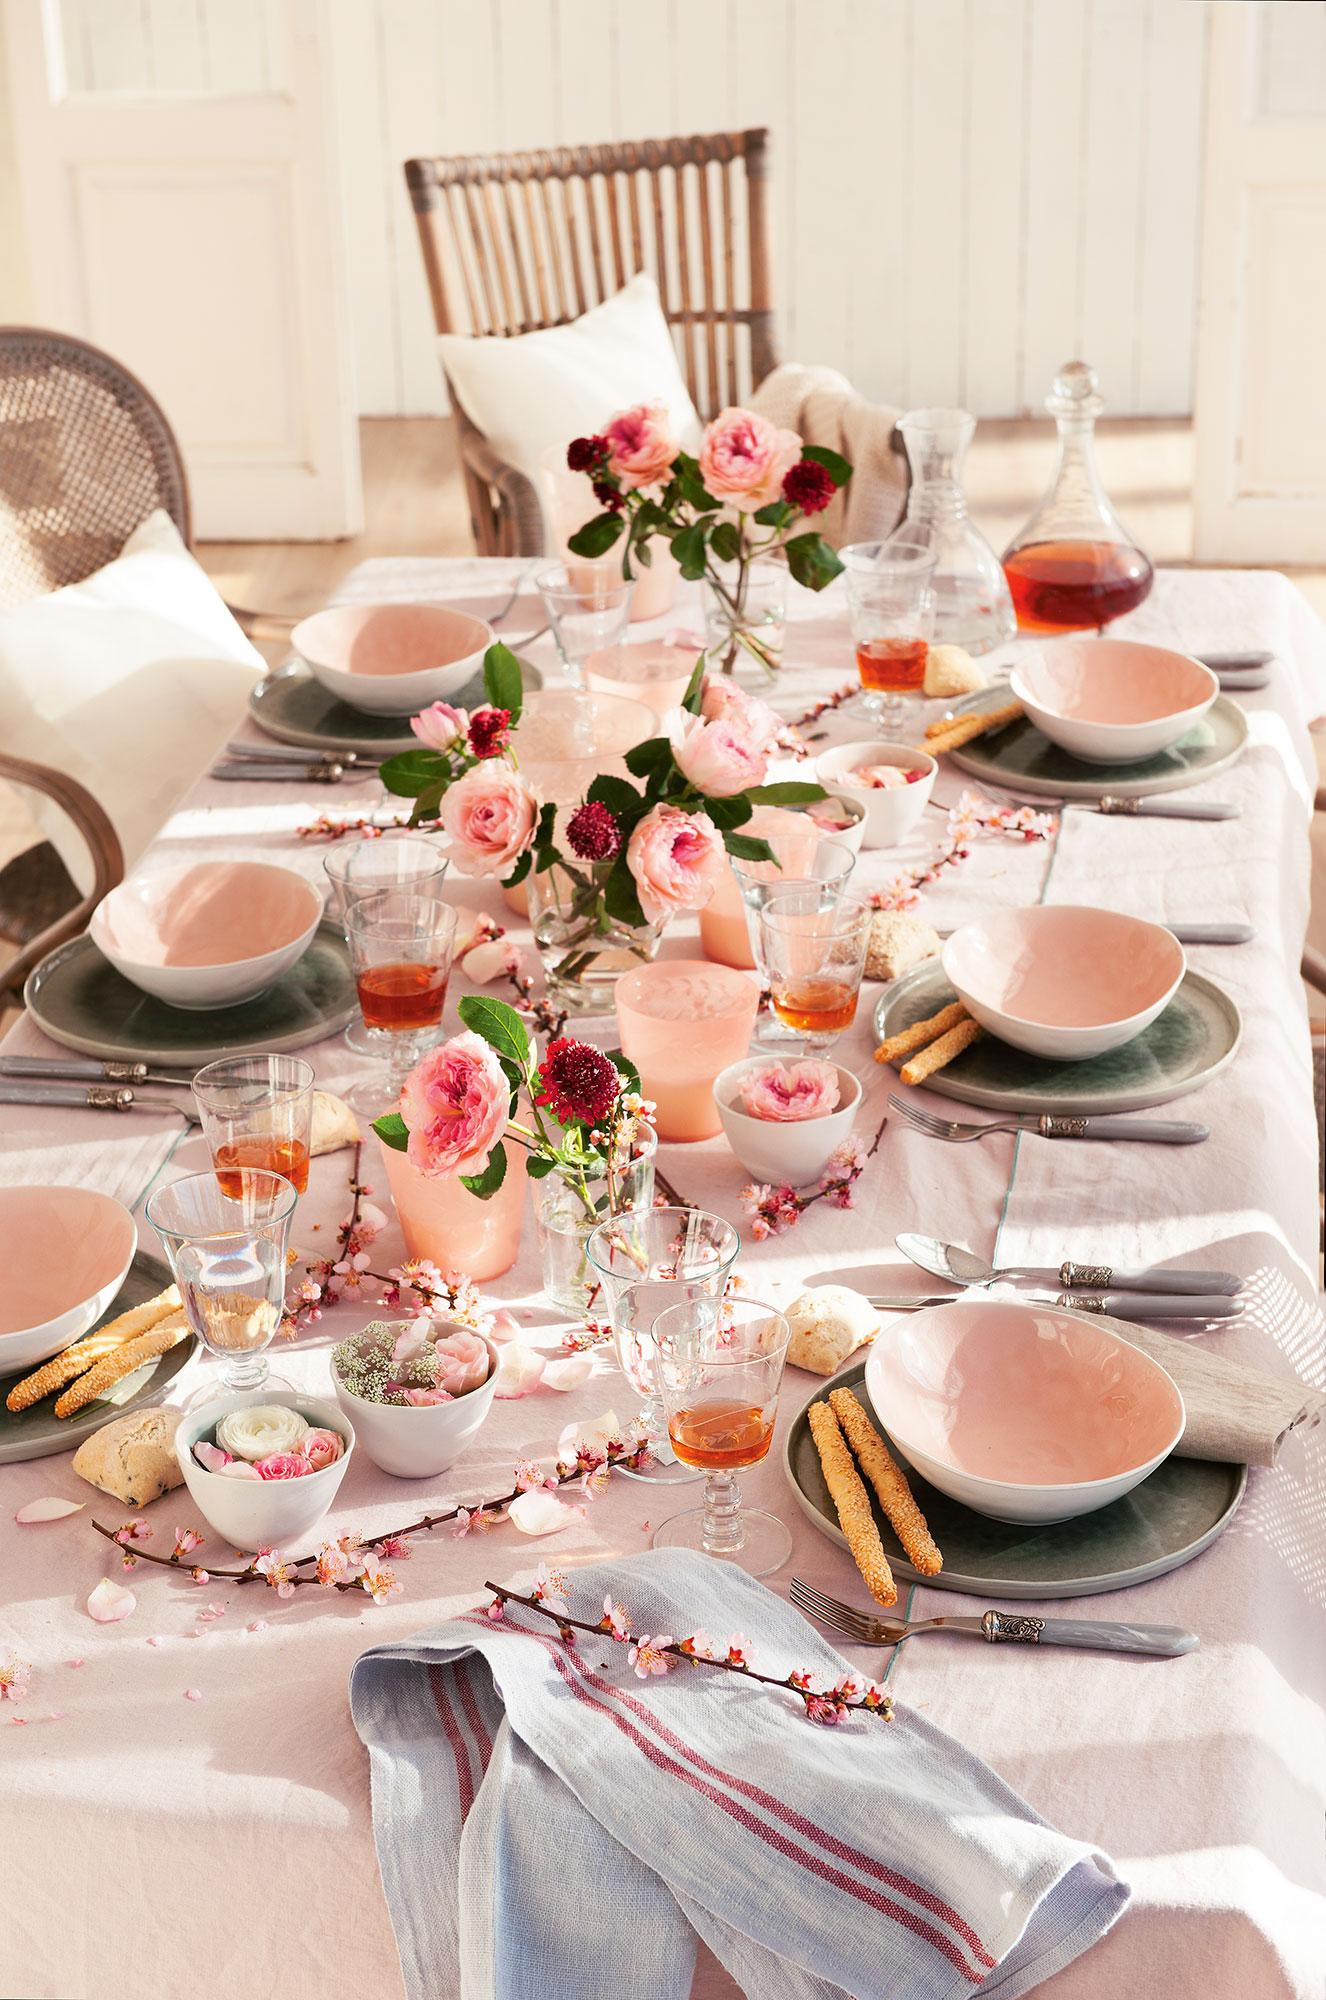 Decorar con flores 12 ideas para vestir tu casa de primavera - Centros de mesa de comedor ...